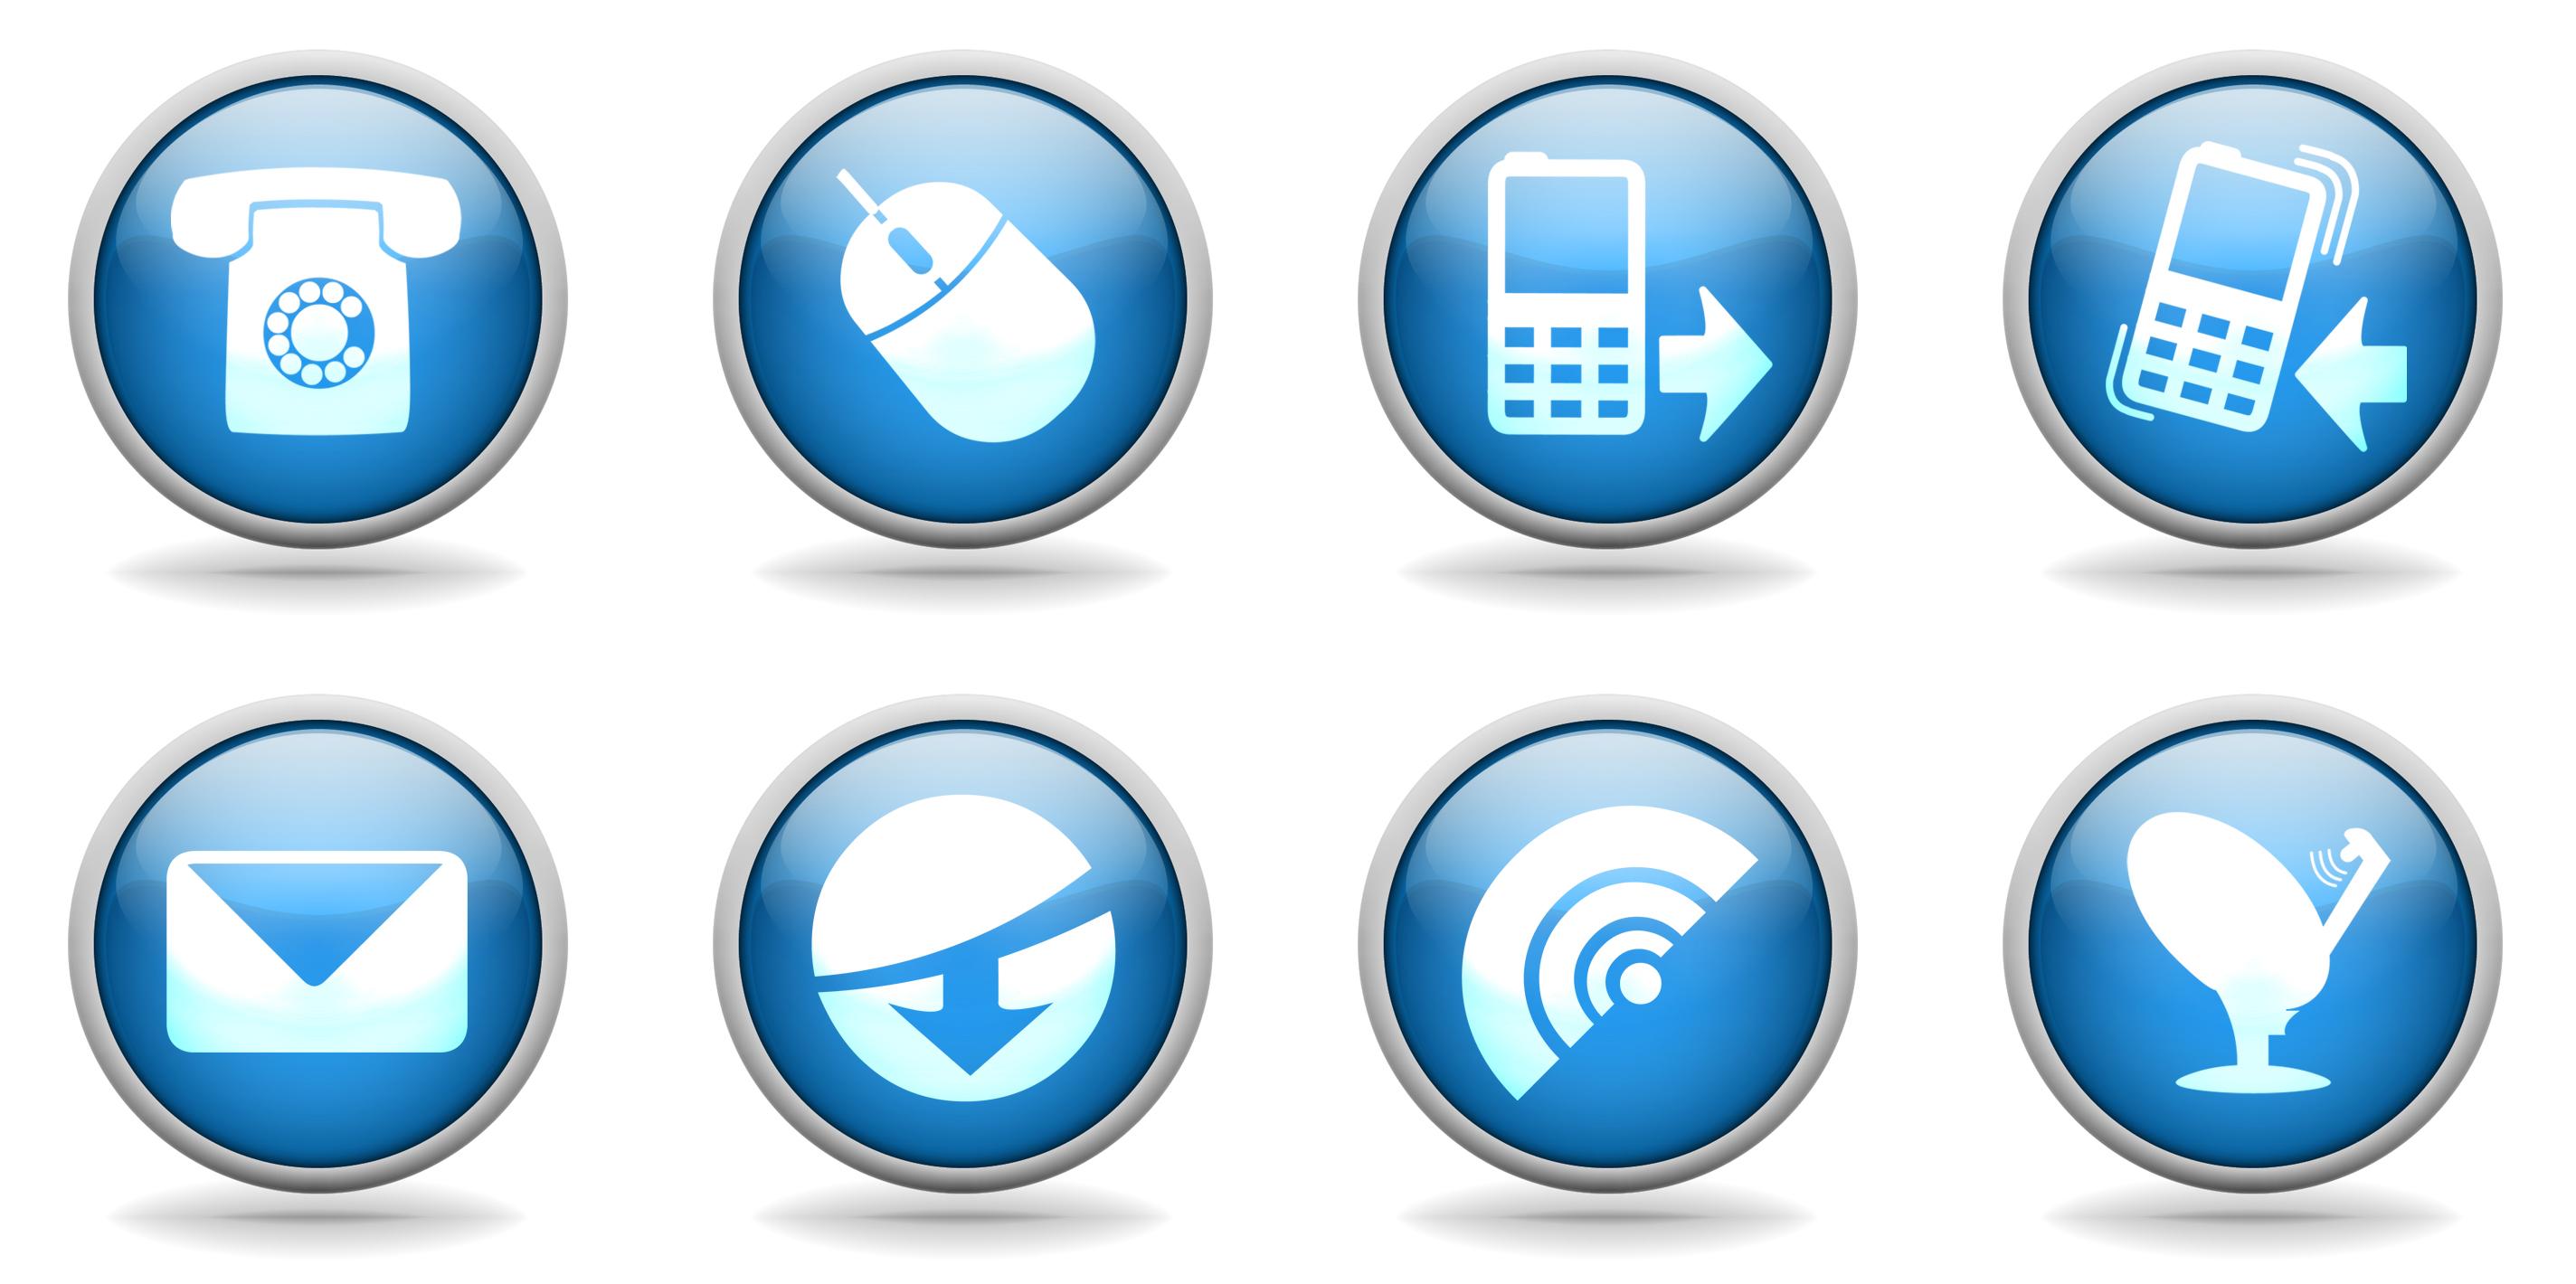 Internet design elements communication symbols circles isolation.